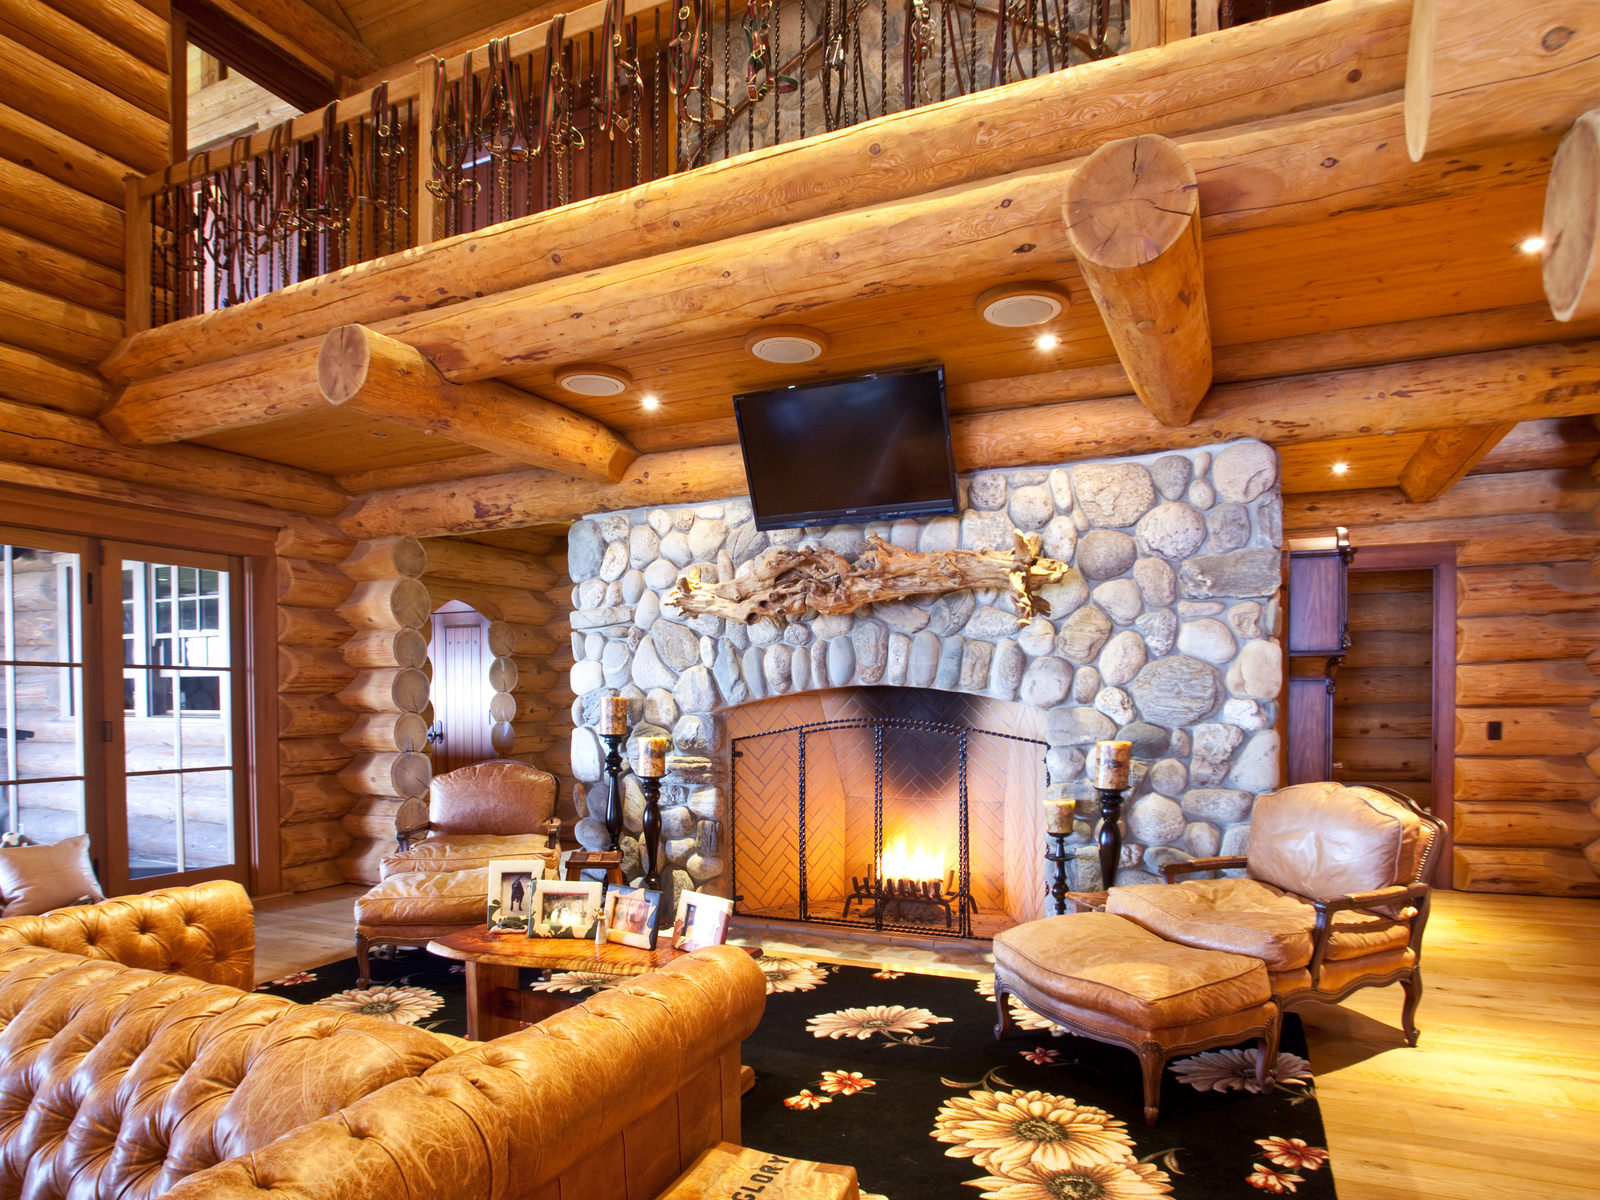 Interiores de caba as de madera con chimenea for Diseno de interiores de cabanas